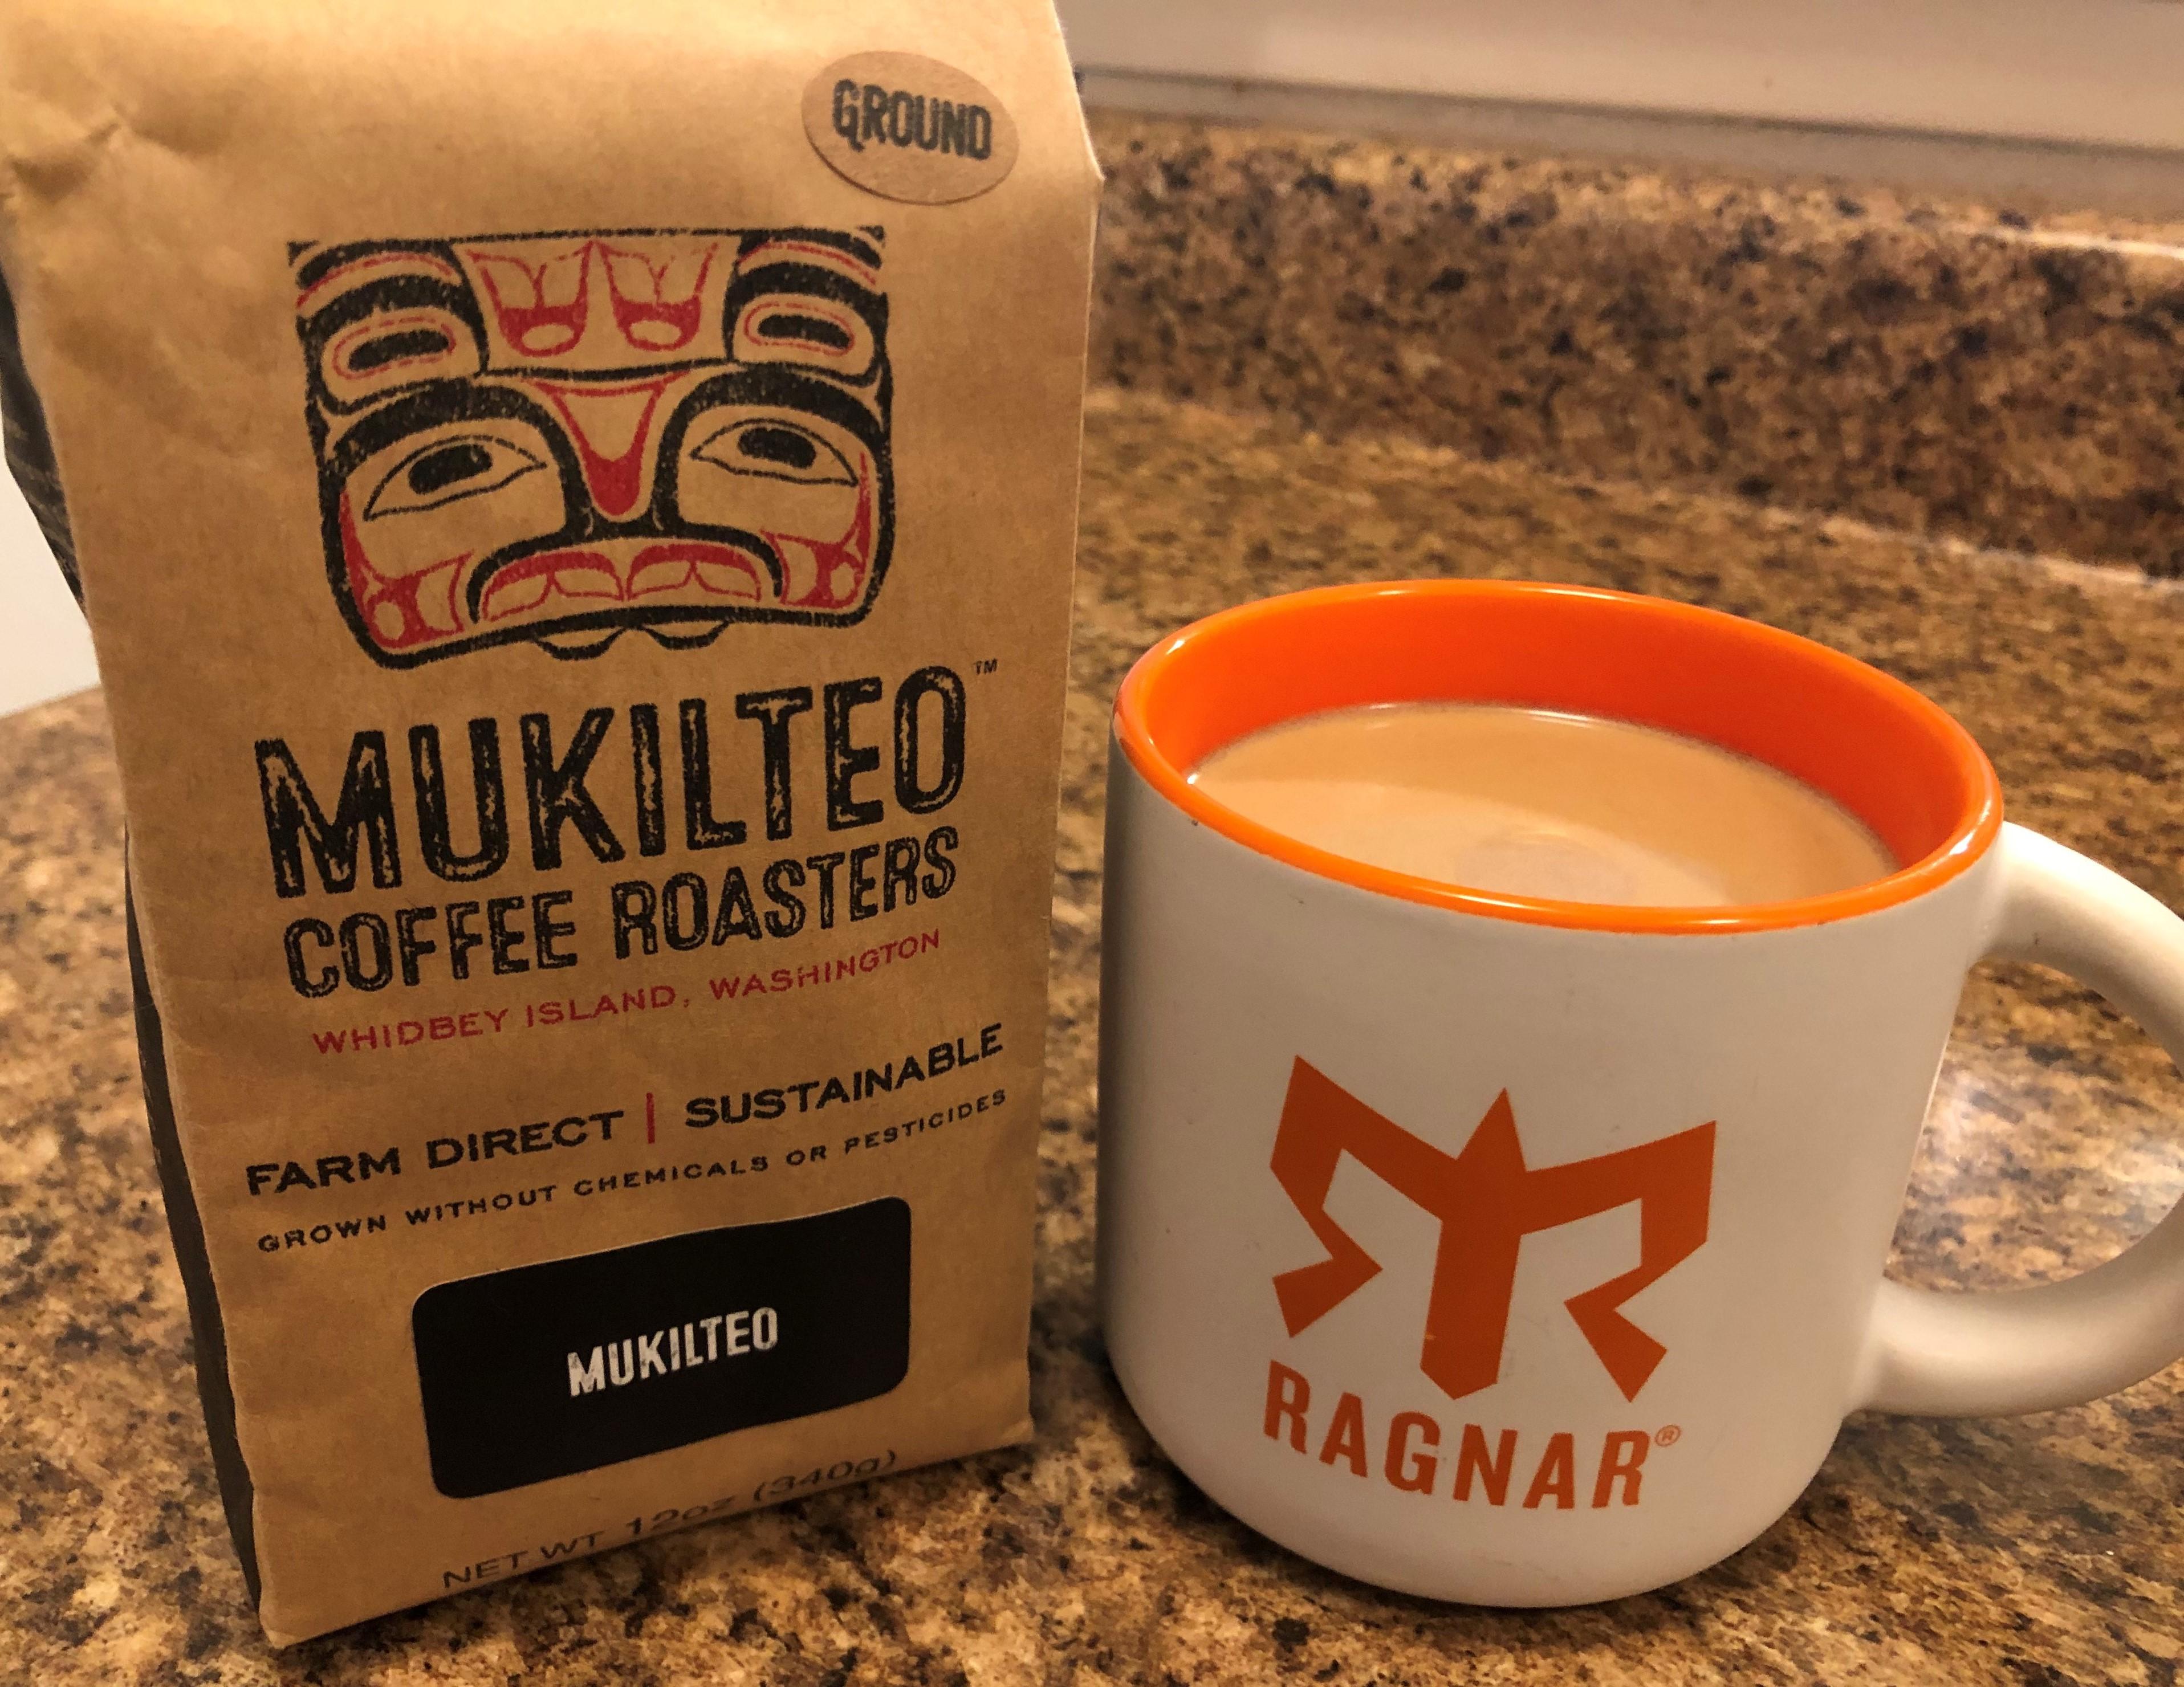 Mukilteo Coffee